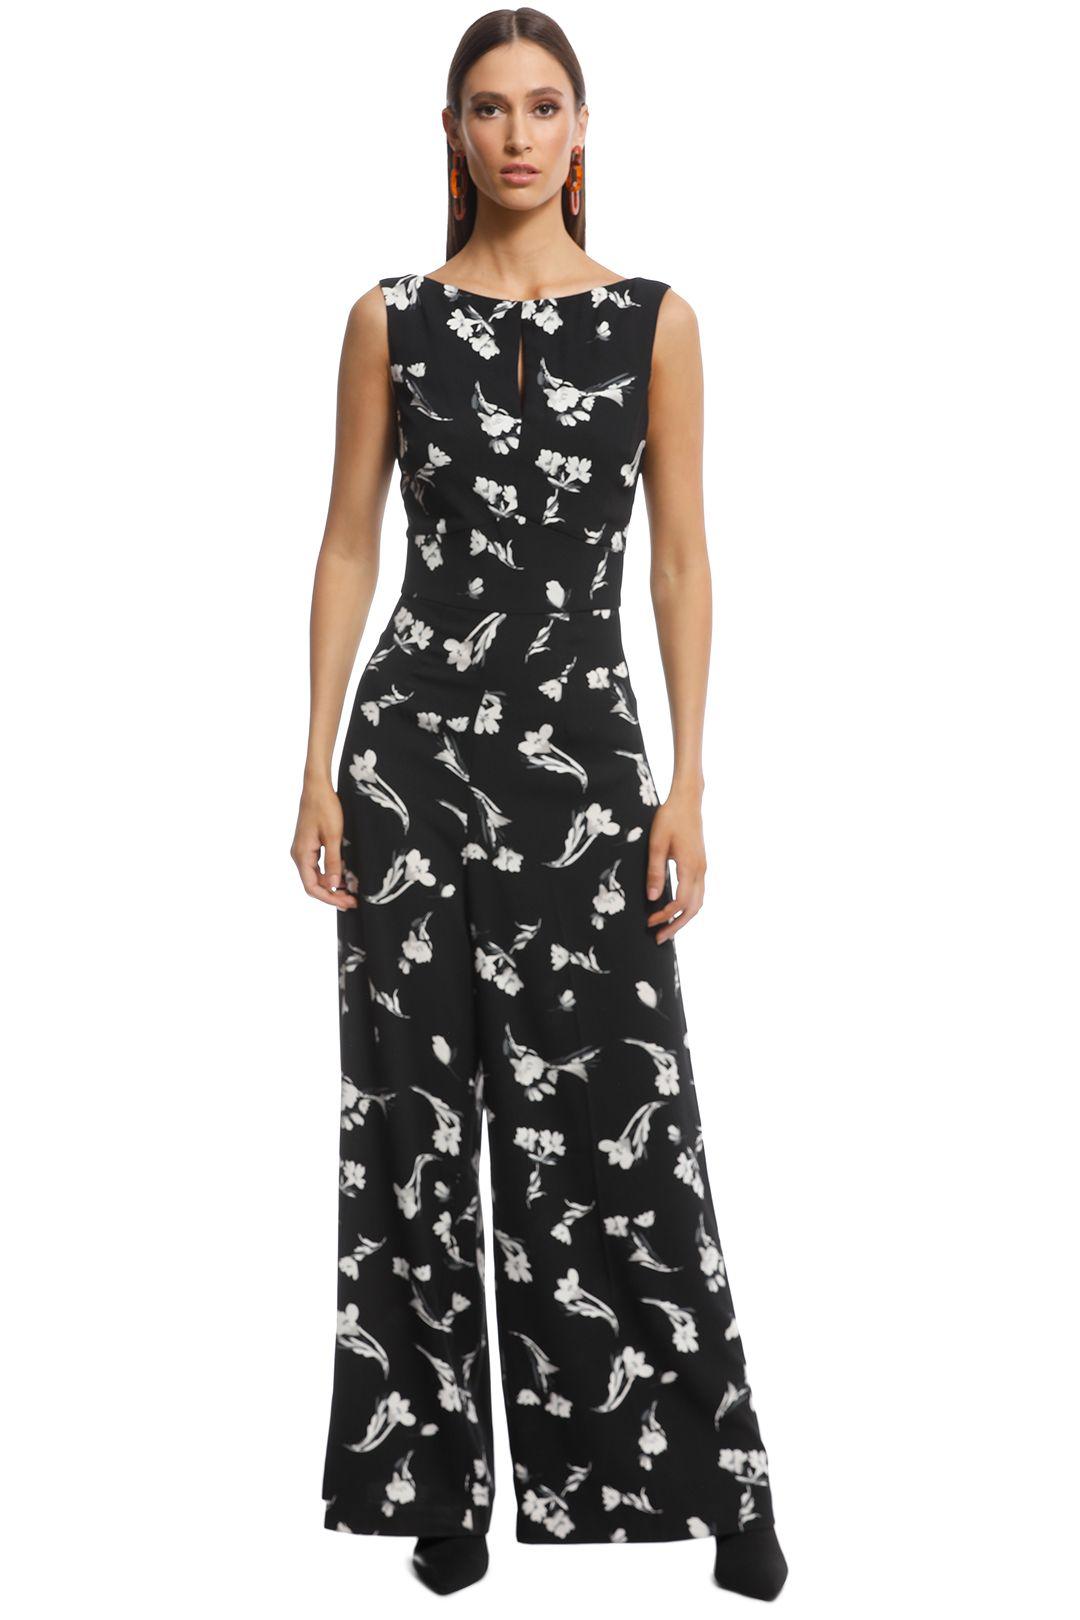 Cue - Tonal Floral Jumpsuit - Black Floral - Front